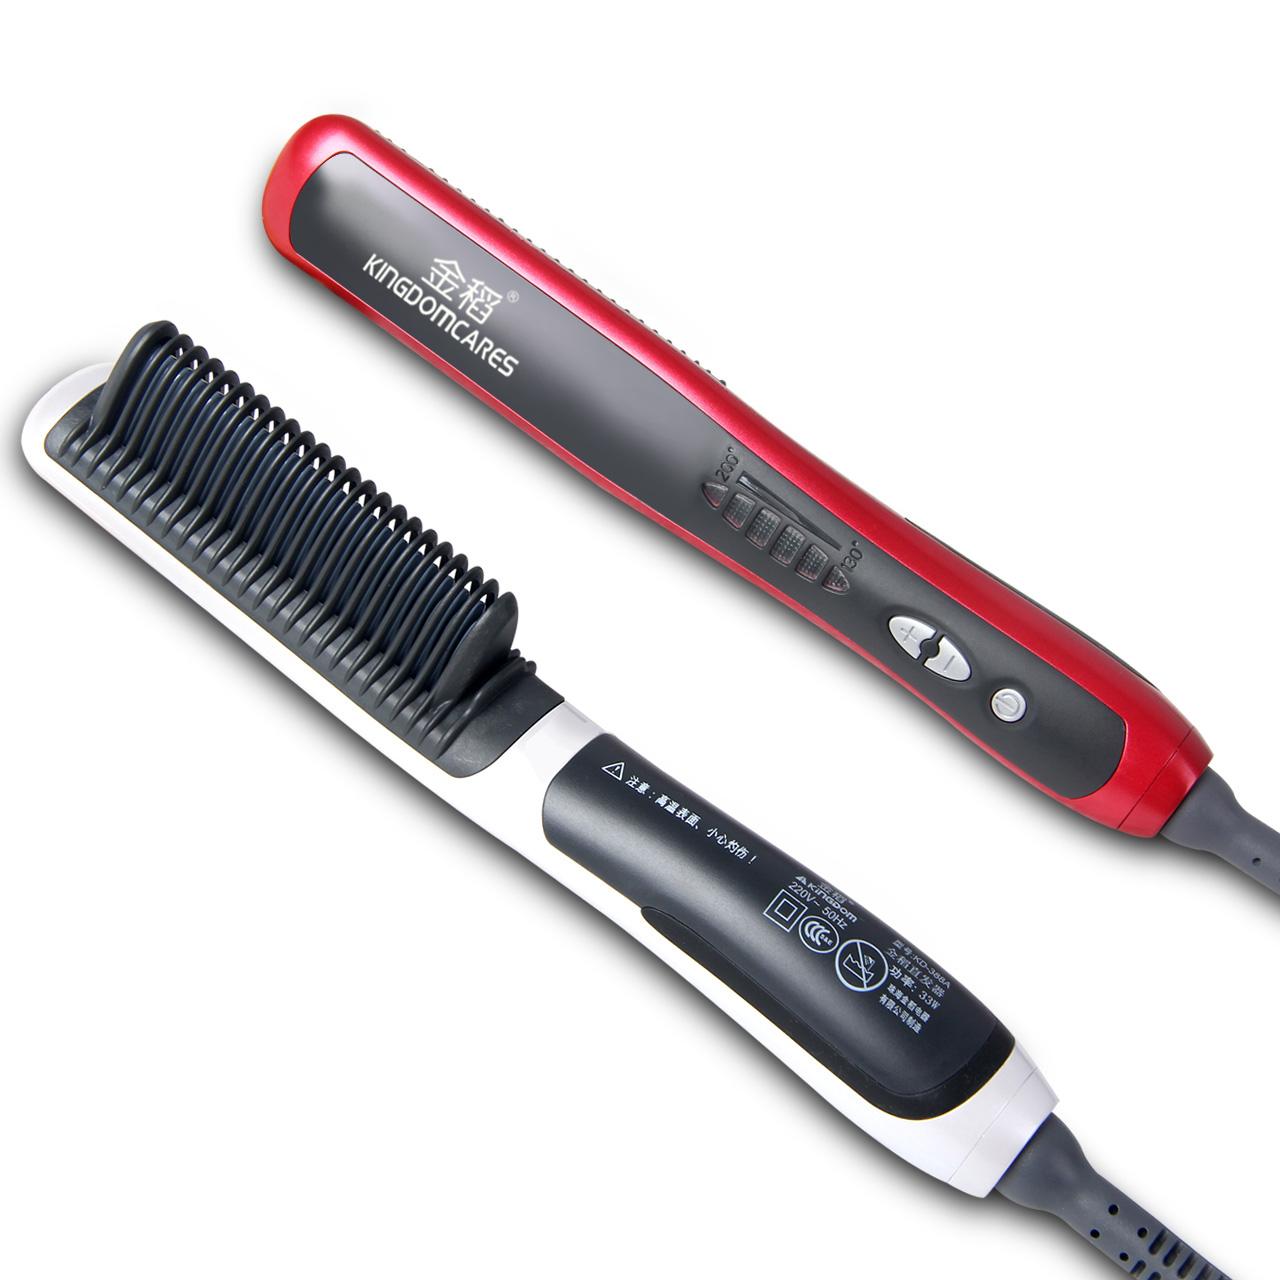 金稻直发梳子神器一梳直发器女夹板拉直卷两用电动烫发懒人卷发棒